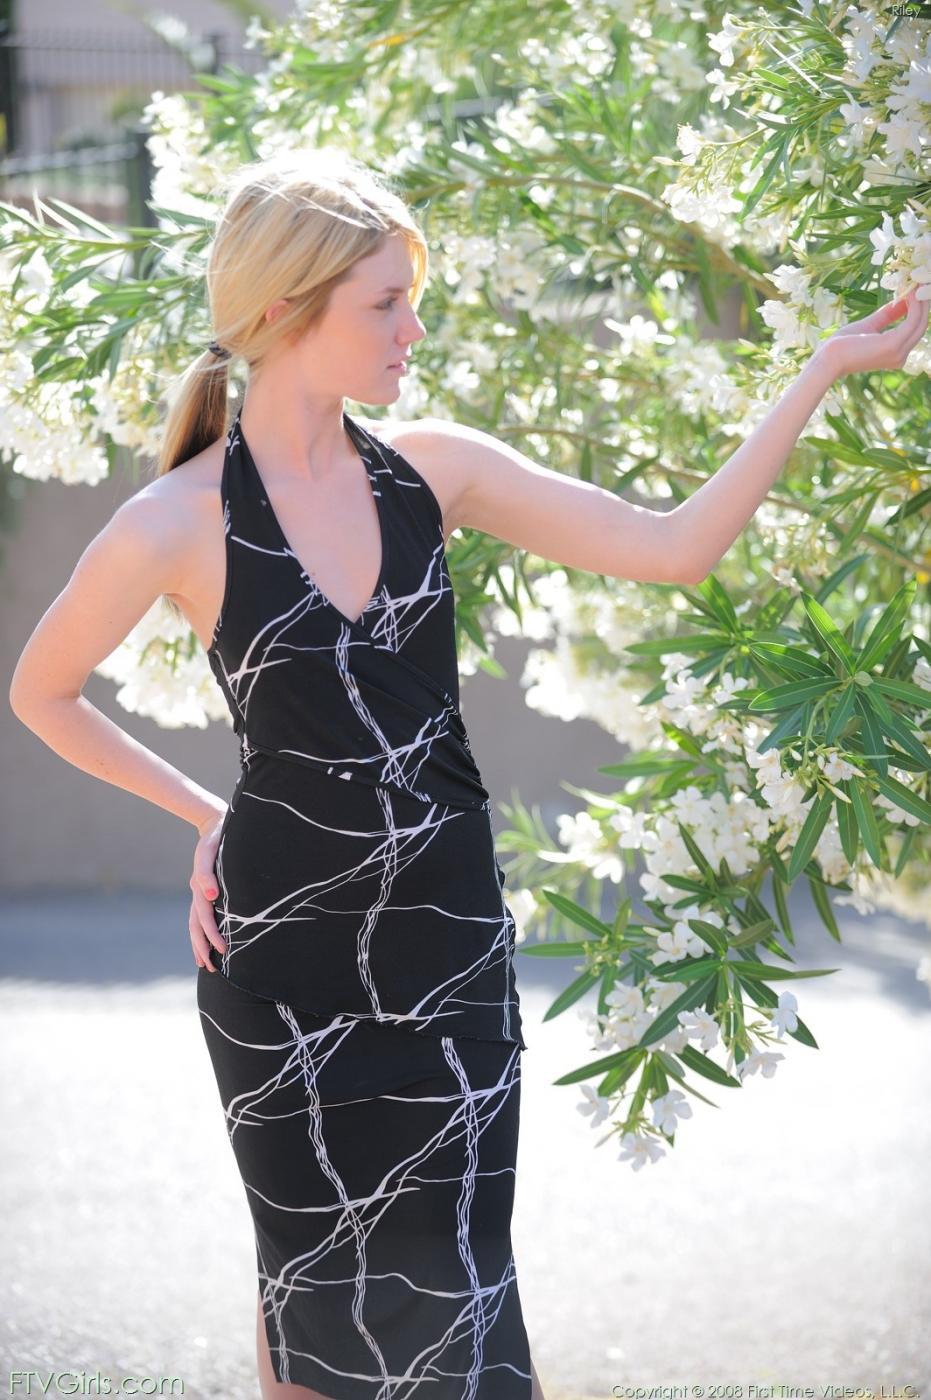 Соблазнительная блондинка Riley Ray демонстрирует свои интимные части тела, сняв свое черное платье